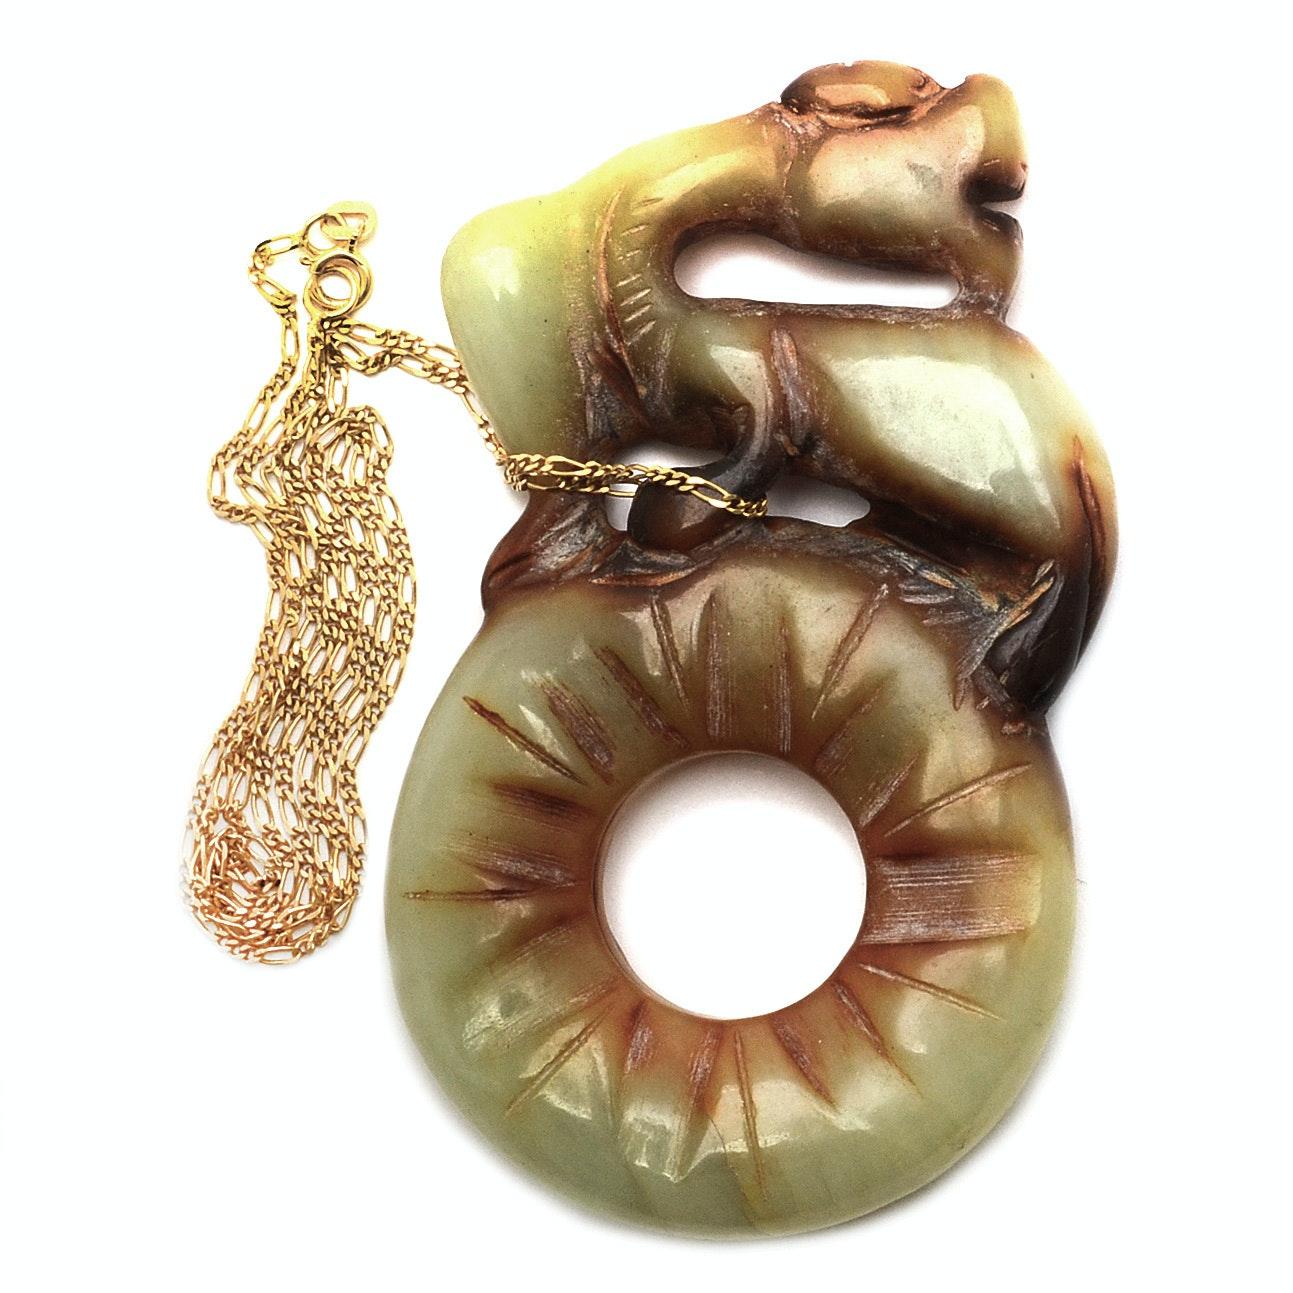 Serpentine Netsuke With 14K Yellow Gold Chain